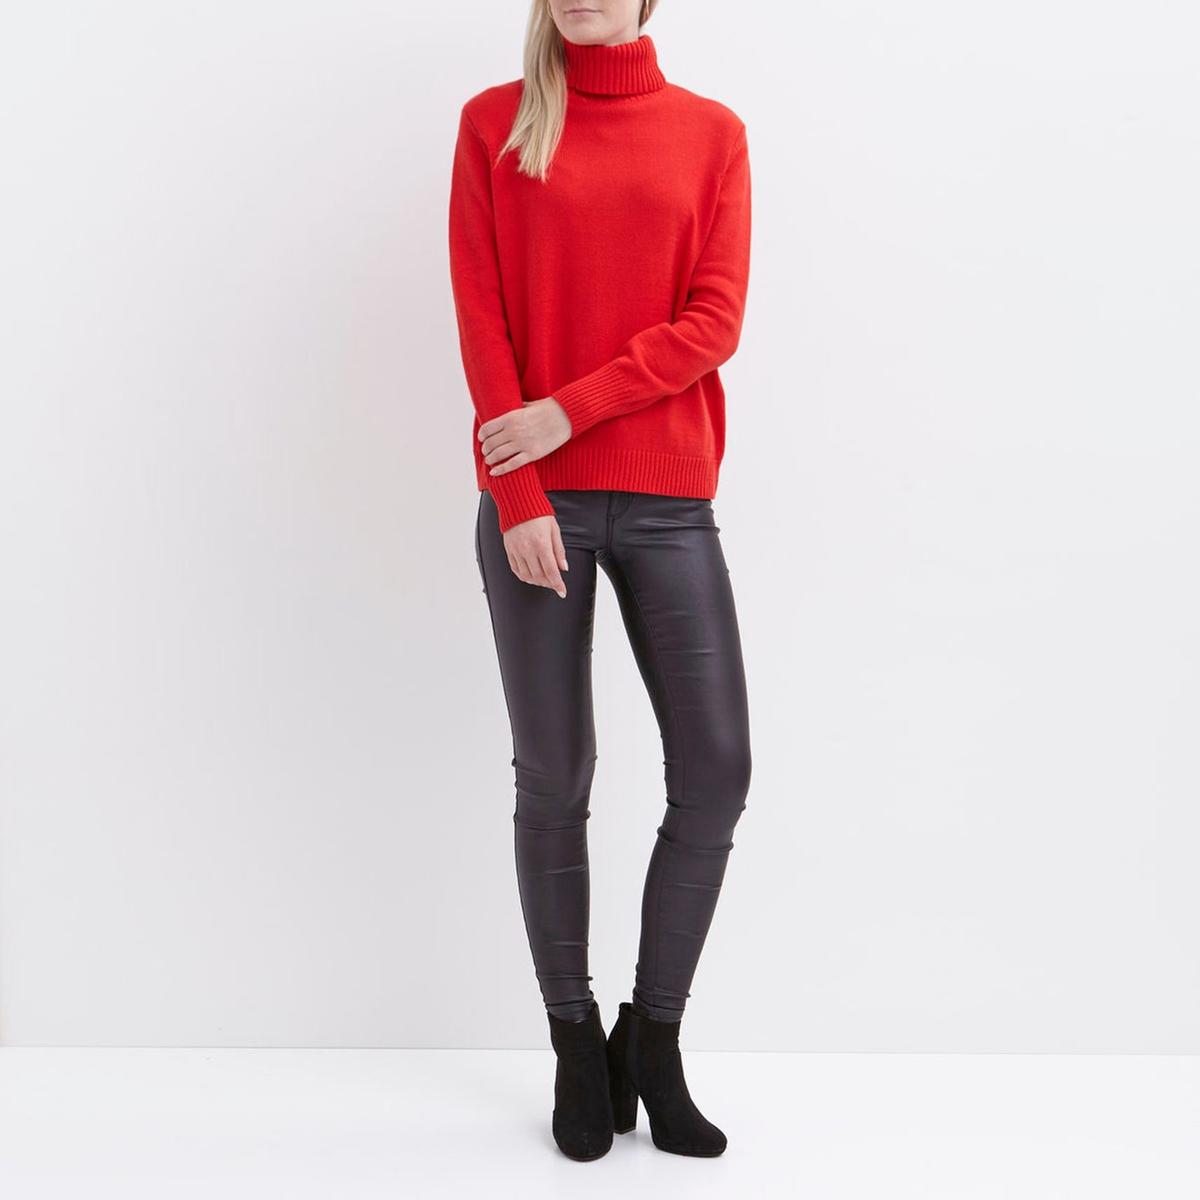 Пуловер с высоким воротникомМатериал : 60% хлопка, 40% полиамида Длина рукава : Длинные рукава Форма воротника : отворачивающийся воротник. Покрой пуловера : СтандартныйРисунок : Однотонная модель<br><br>Цвет: красный<br>Размер: XS.L